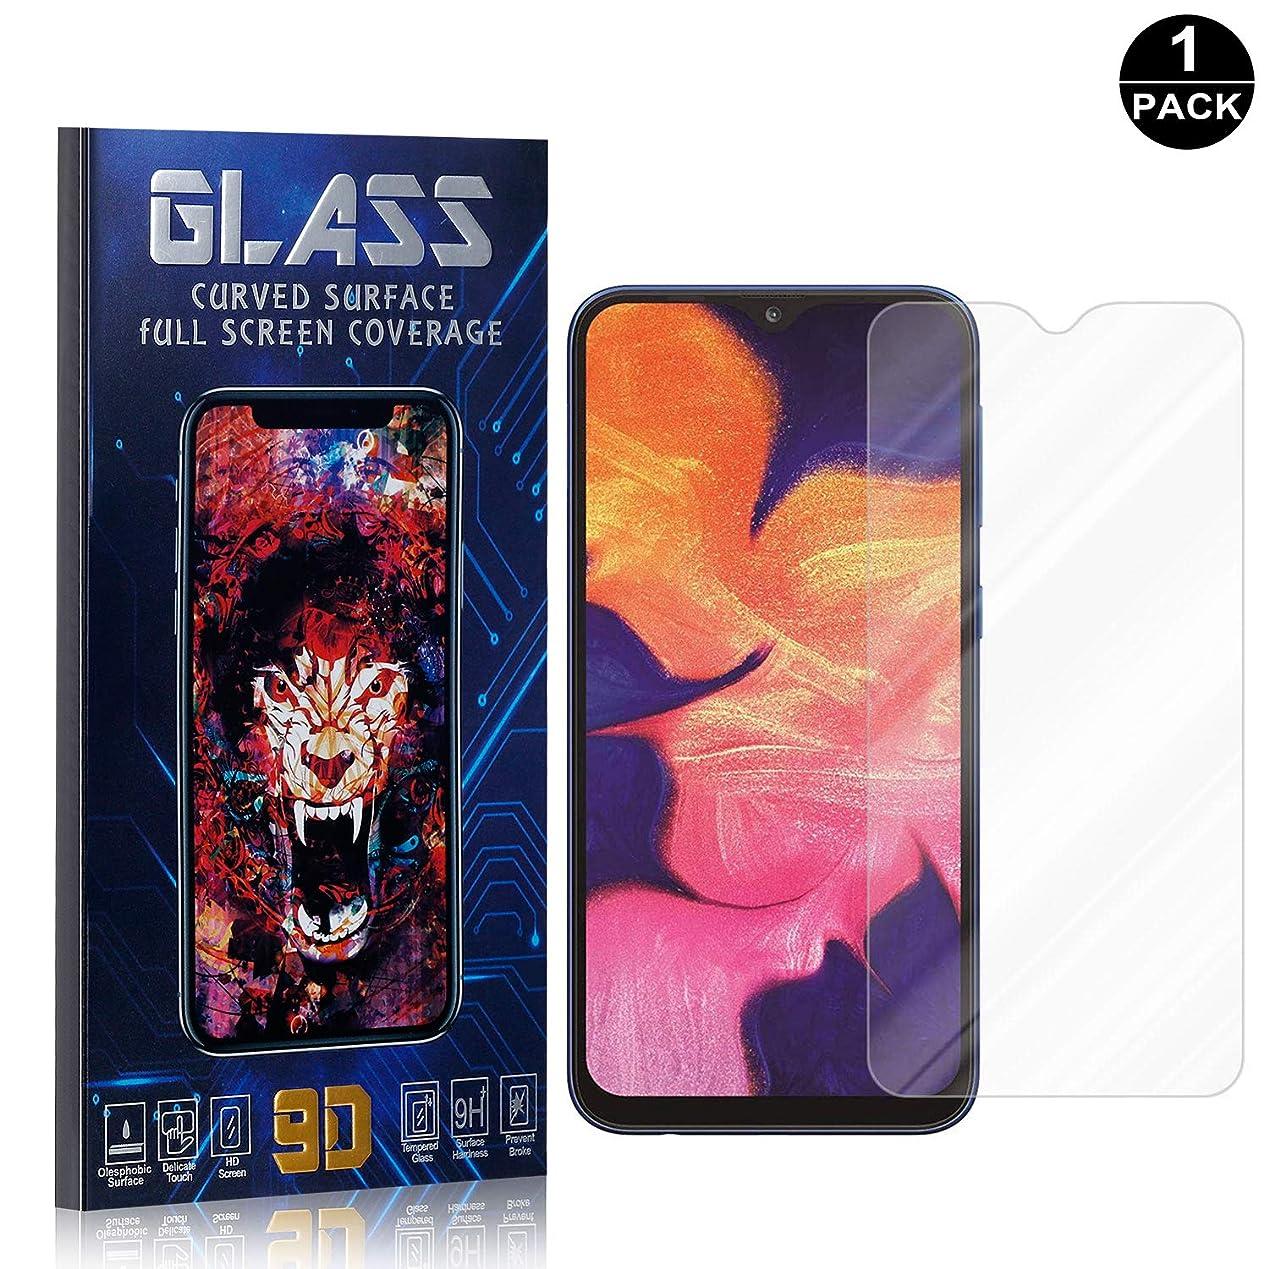 新鮮なフェードショッキングGalaxy A10 ガラスフィルム, Zeebox 防指紋 液晶強化ガラス, 超薄 高透過率 キズ防止 液晶保護フィルム Galaxy A10 対応, 1枚入